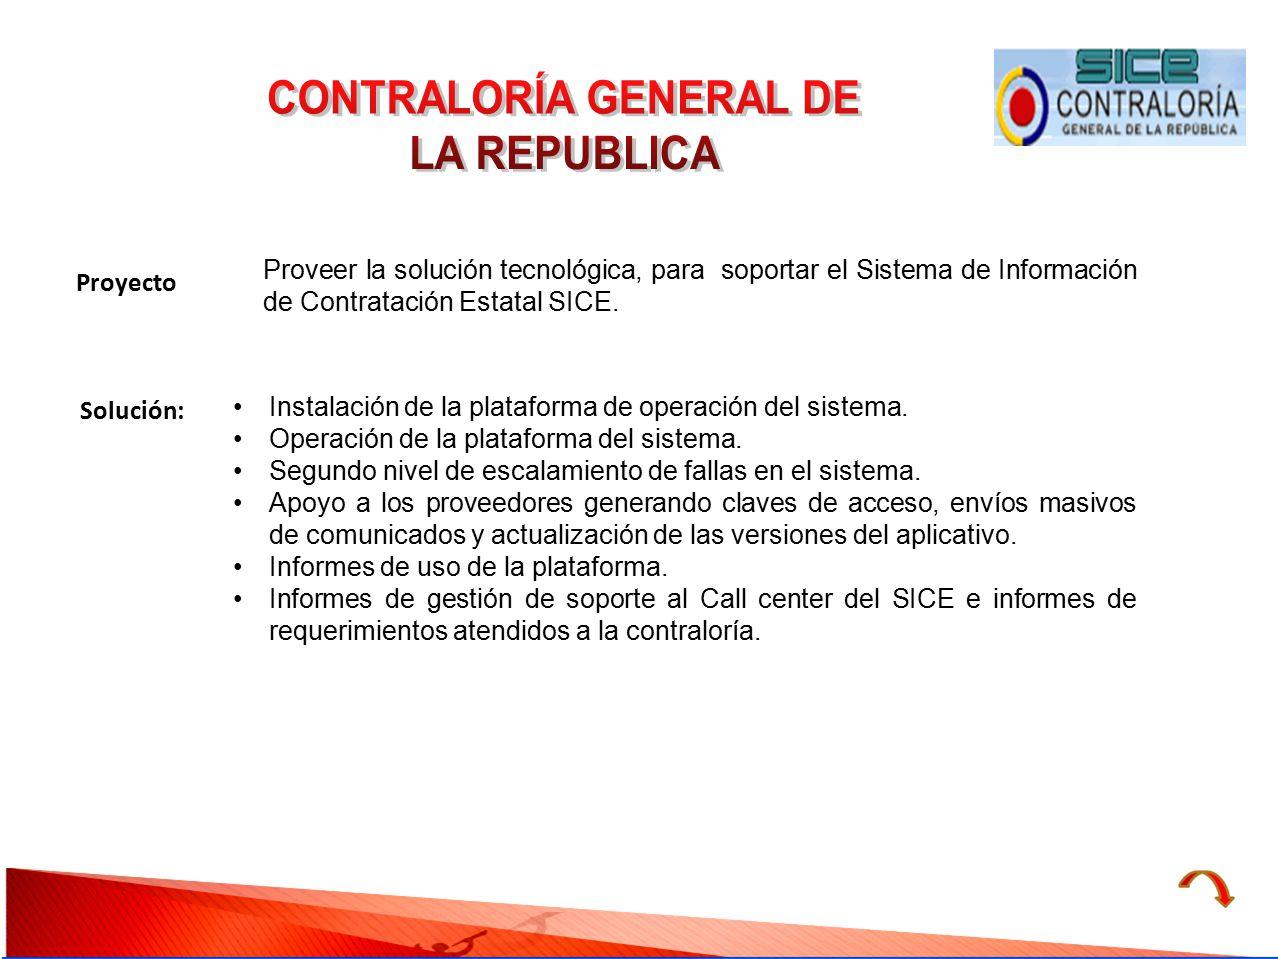 CONTRALORÍA GENERAL DE